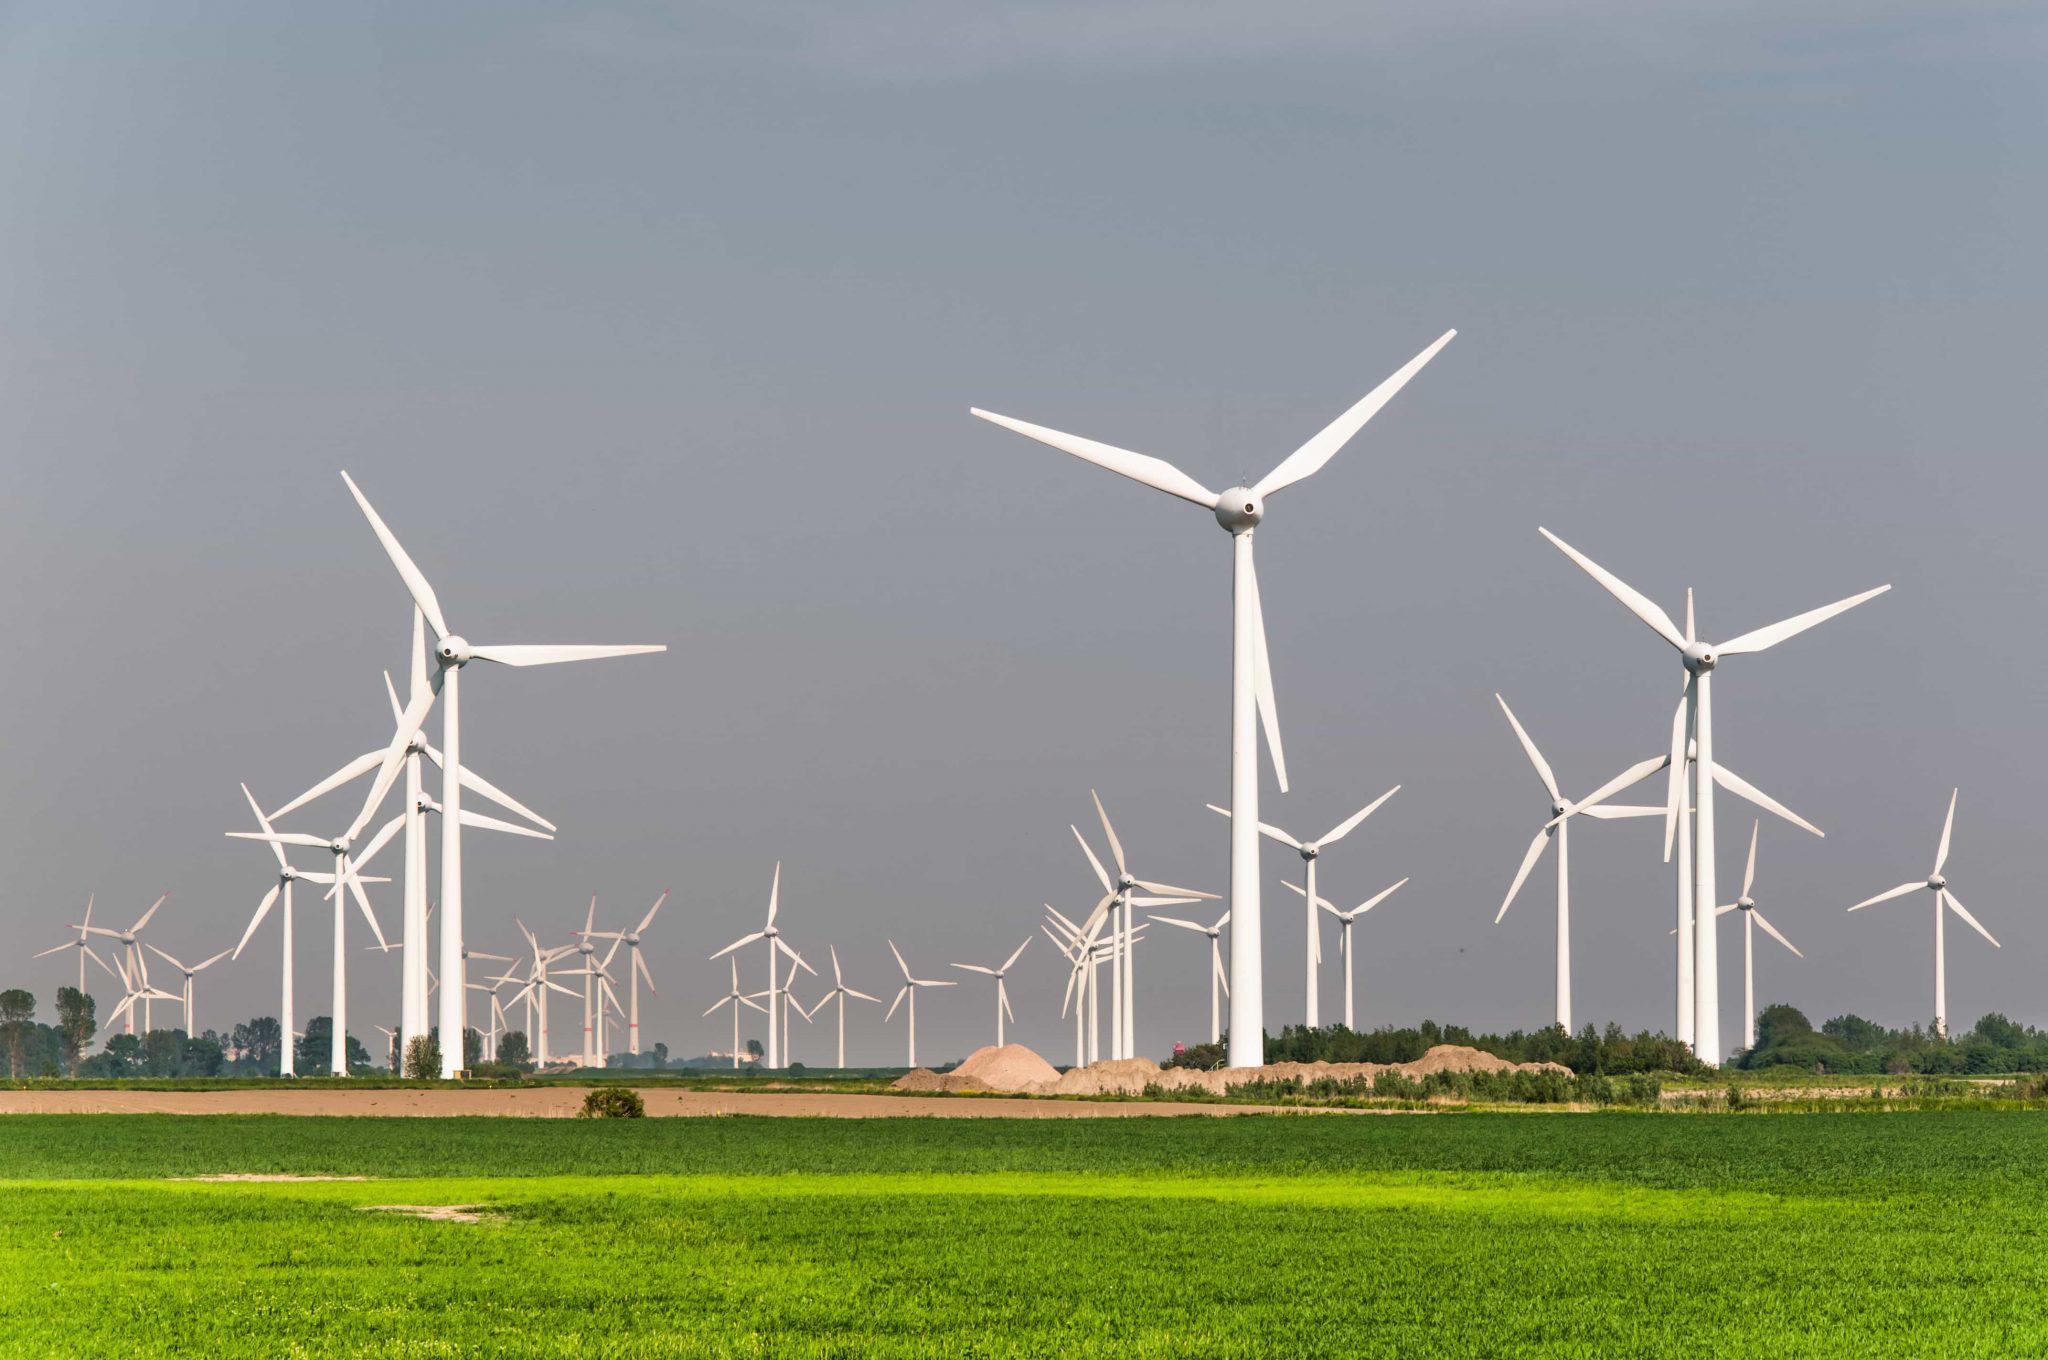 Groene gekte probeert Nederland te vernietigen